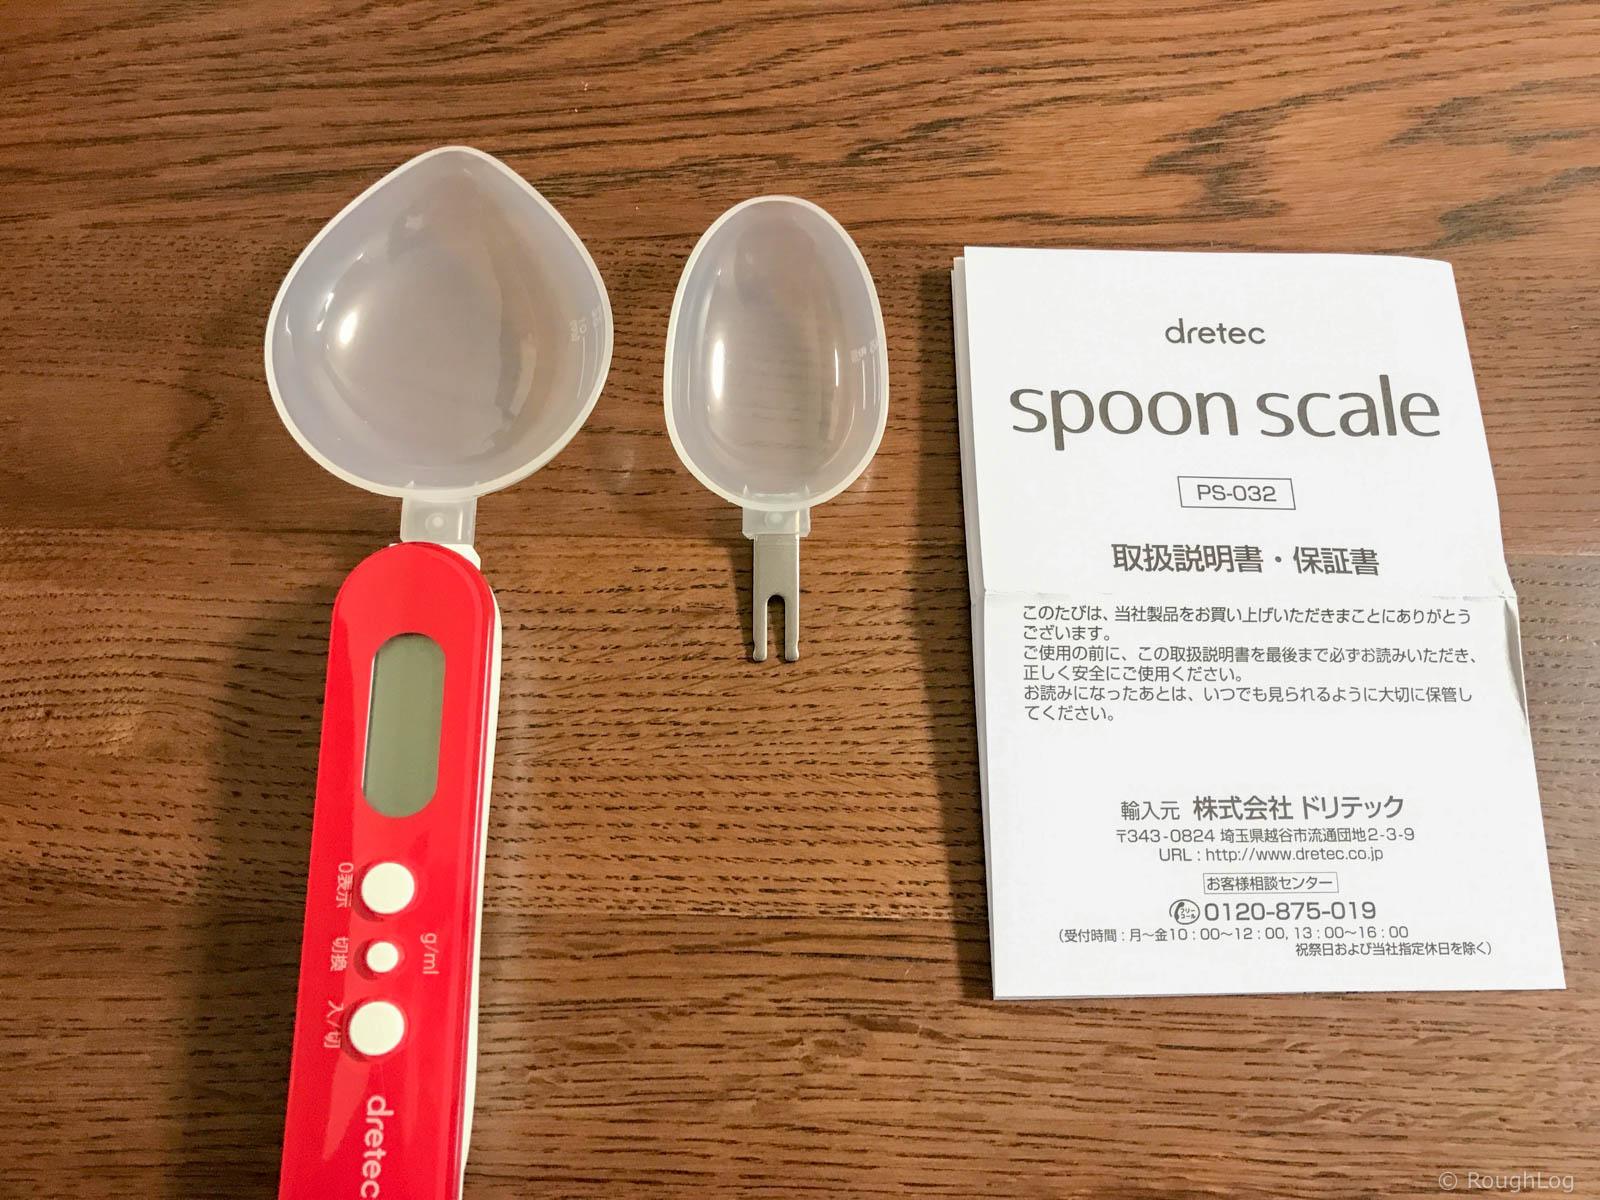 ドリテック スプーンスケール(計量スプーン) 同梱品